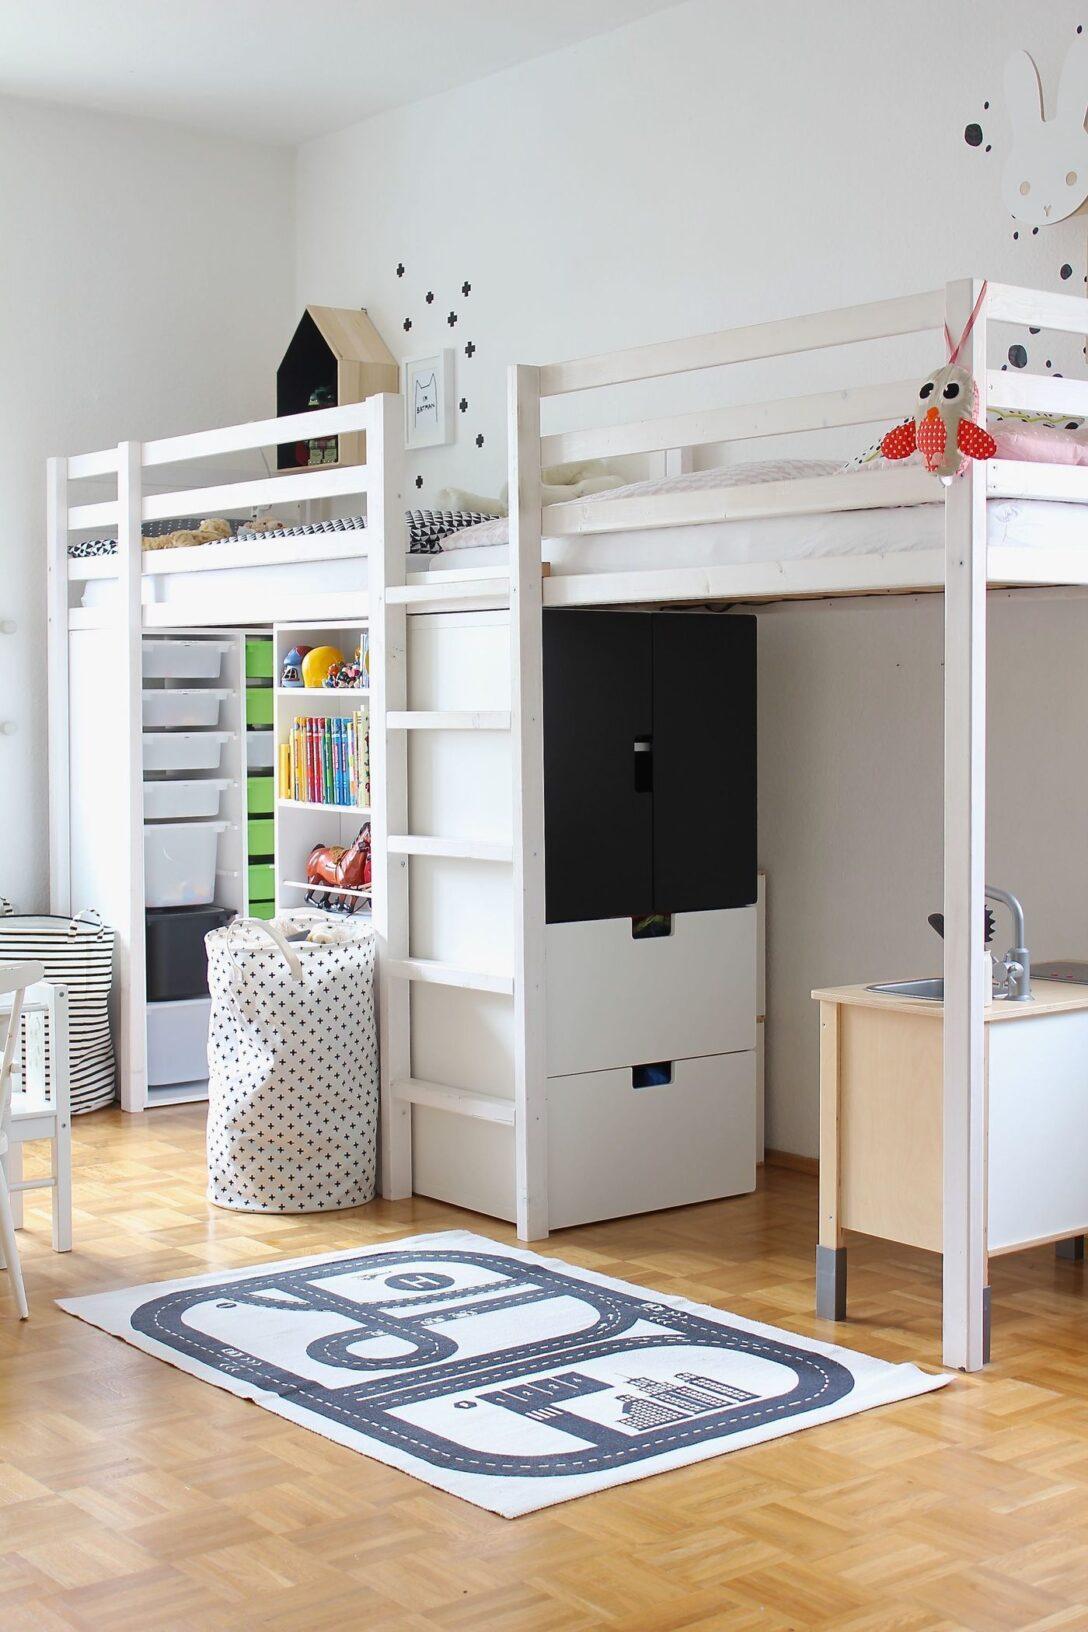 Large Size of Schnsten Ideen Fr Dein Ikea Kinderzimmer Küche Kosten Modulküche Kaufen Betten Bei 160x200 Sofa Jugendzimmer Bett Miniküche Mit Schlaffunktion Wohnzimmer Ikea Jugendzimmer